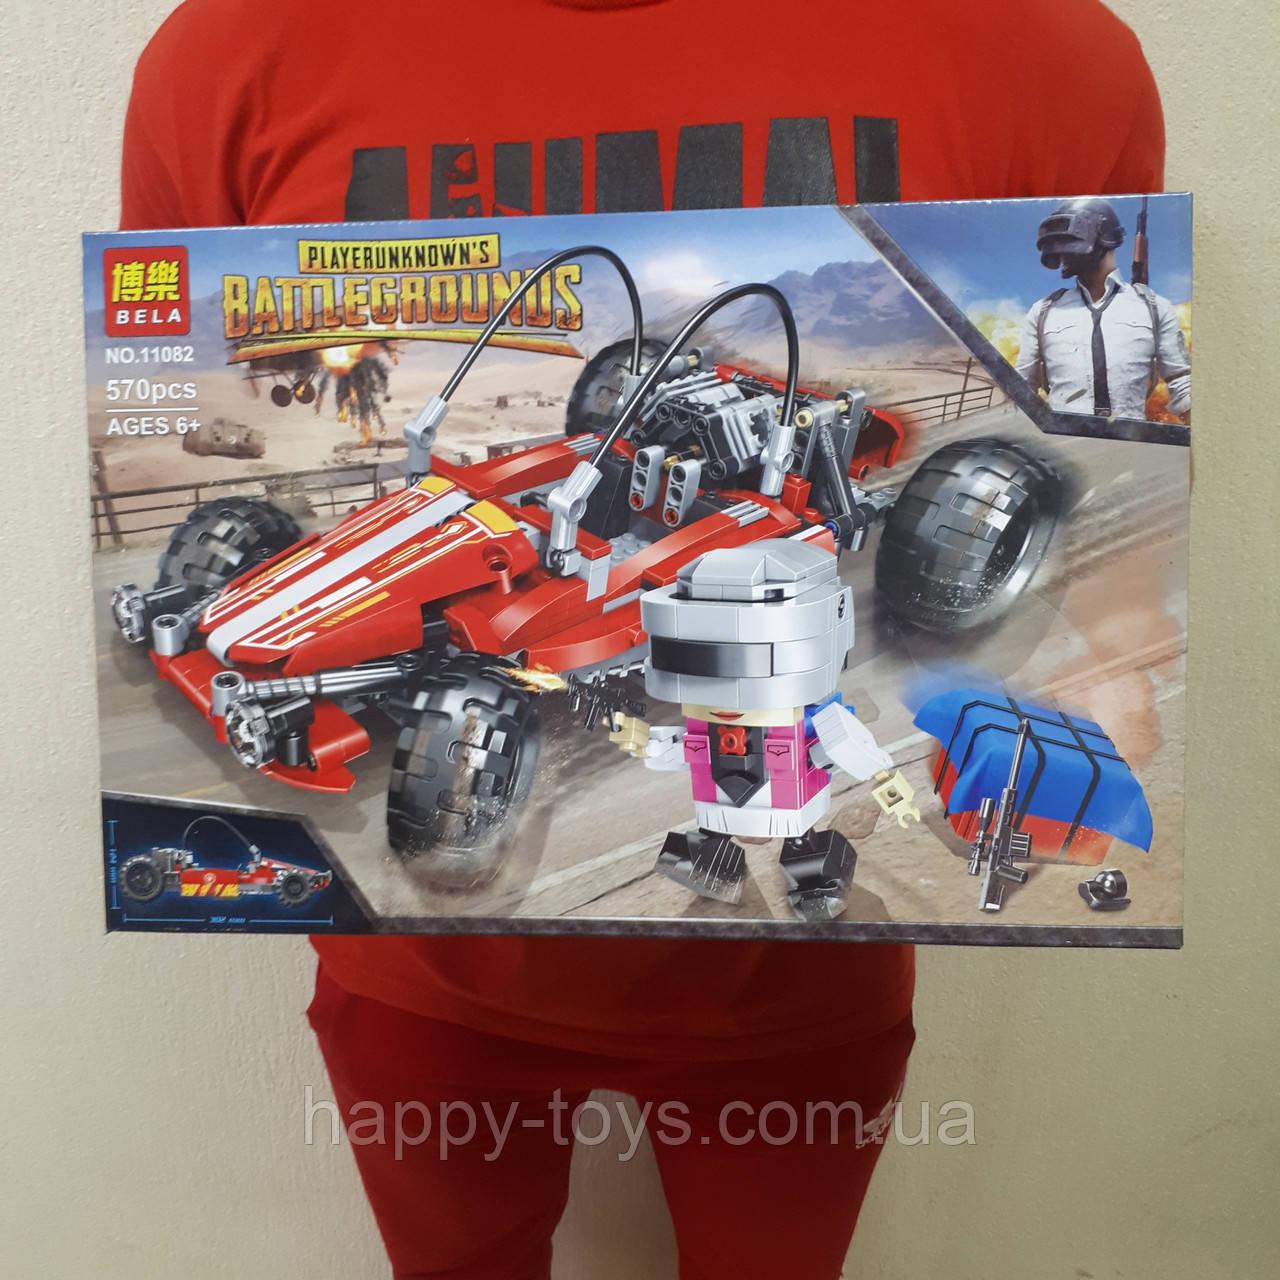 Конструктор Bela 11082 Багги машинка 570 деталей Battlegrounds